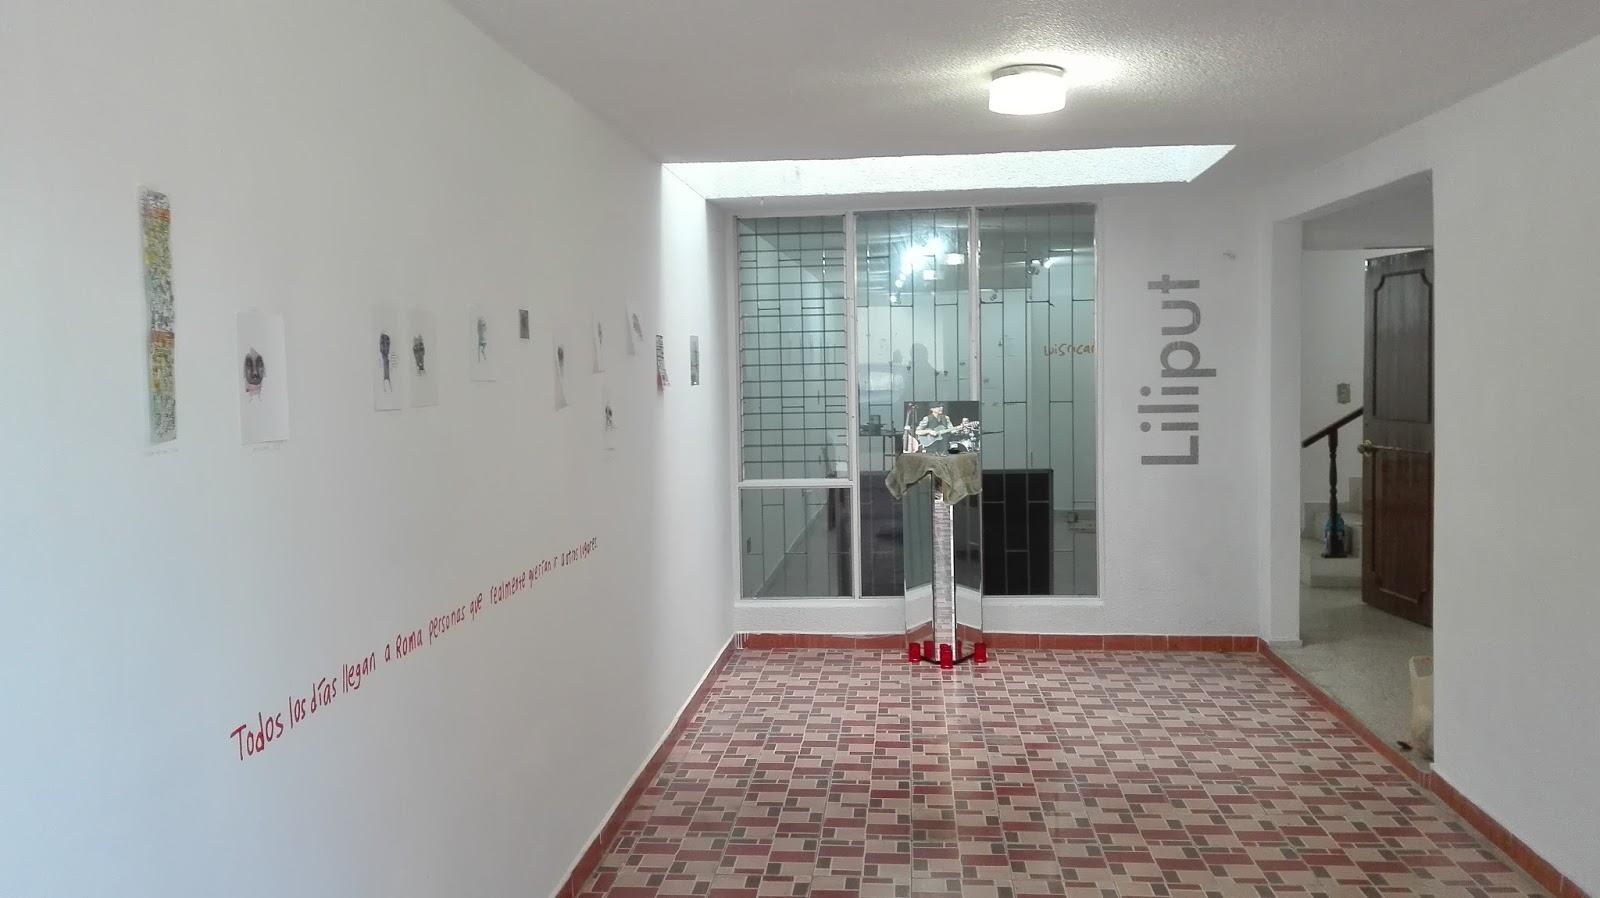 interior de la galería Liliput